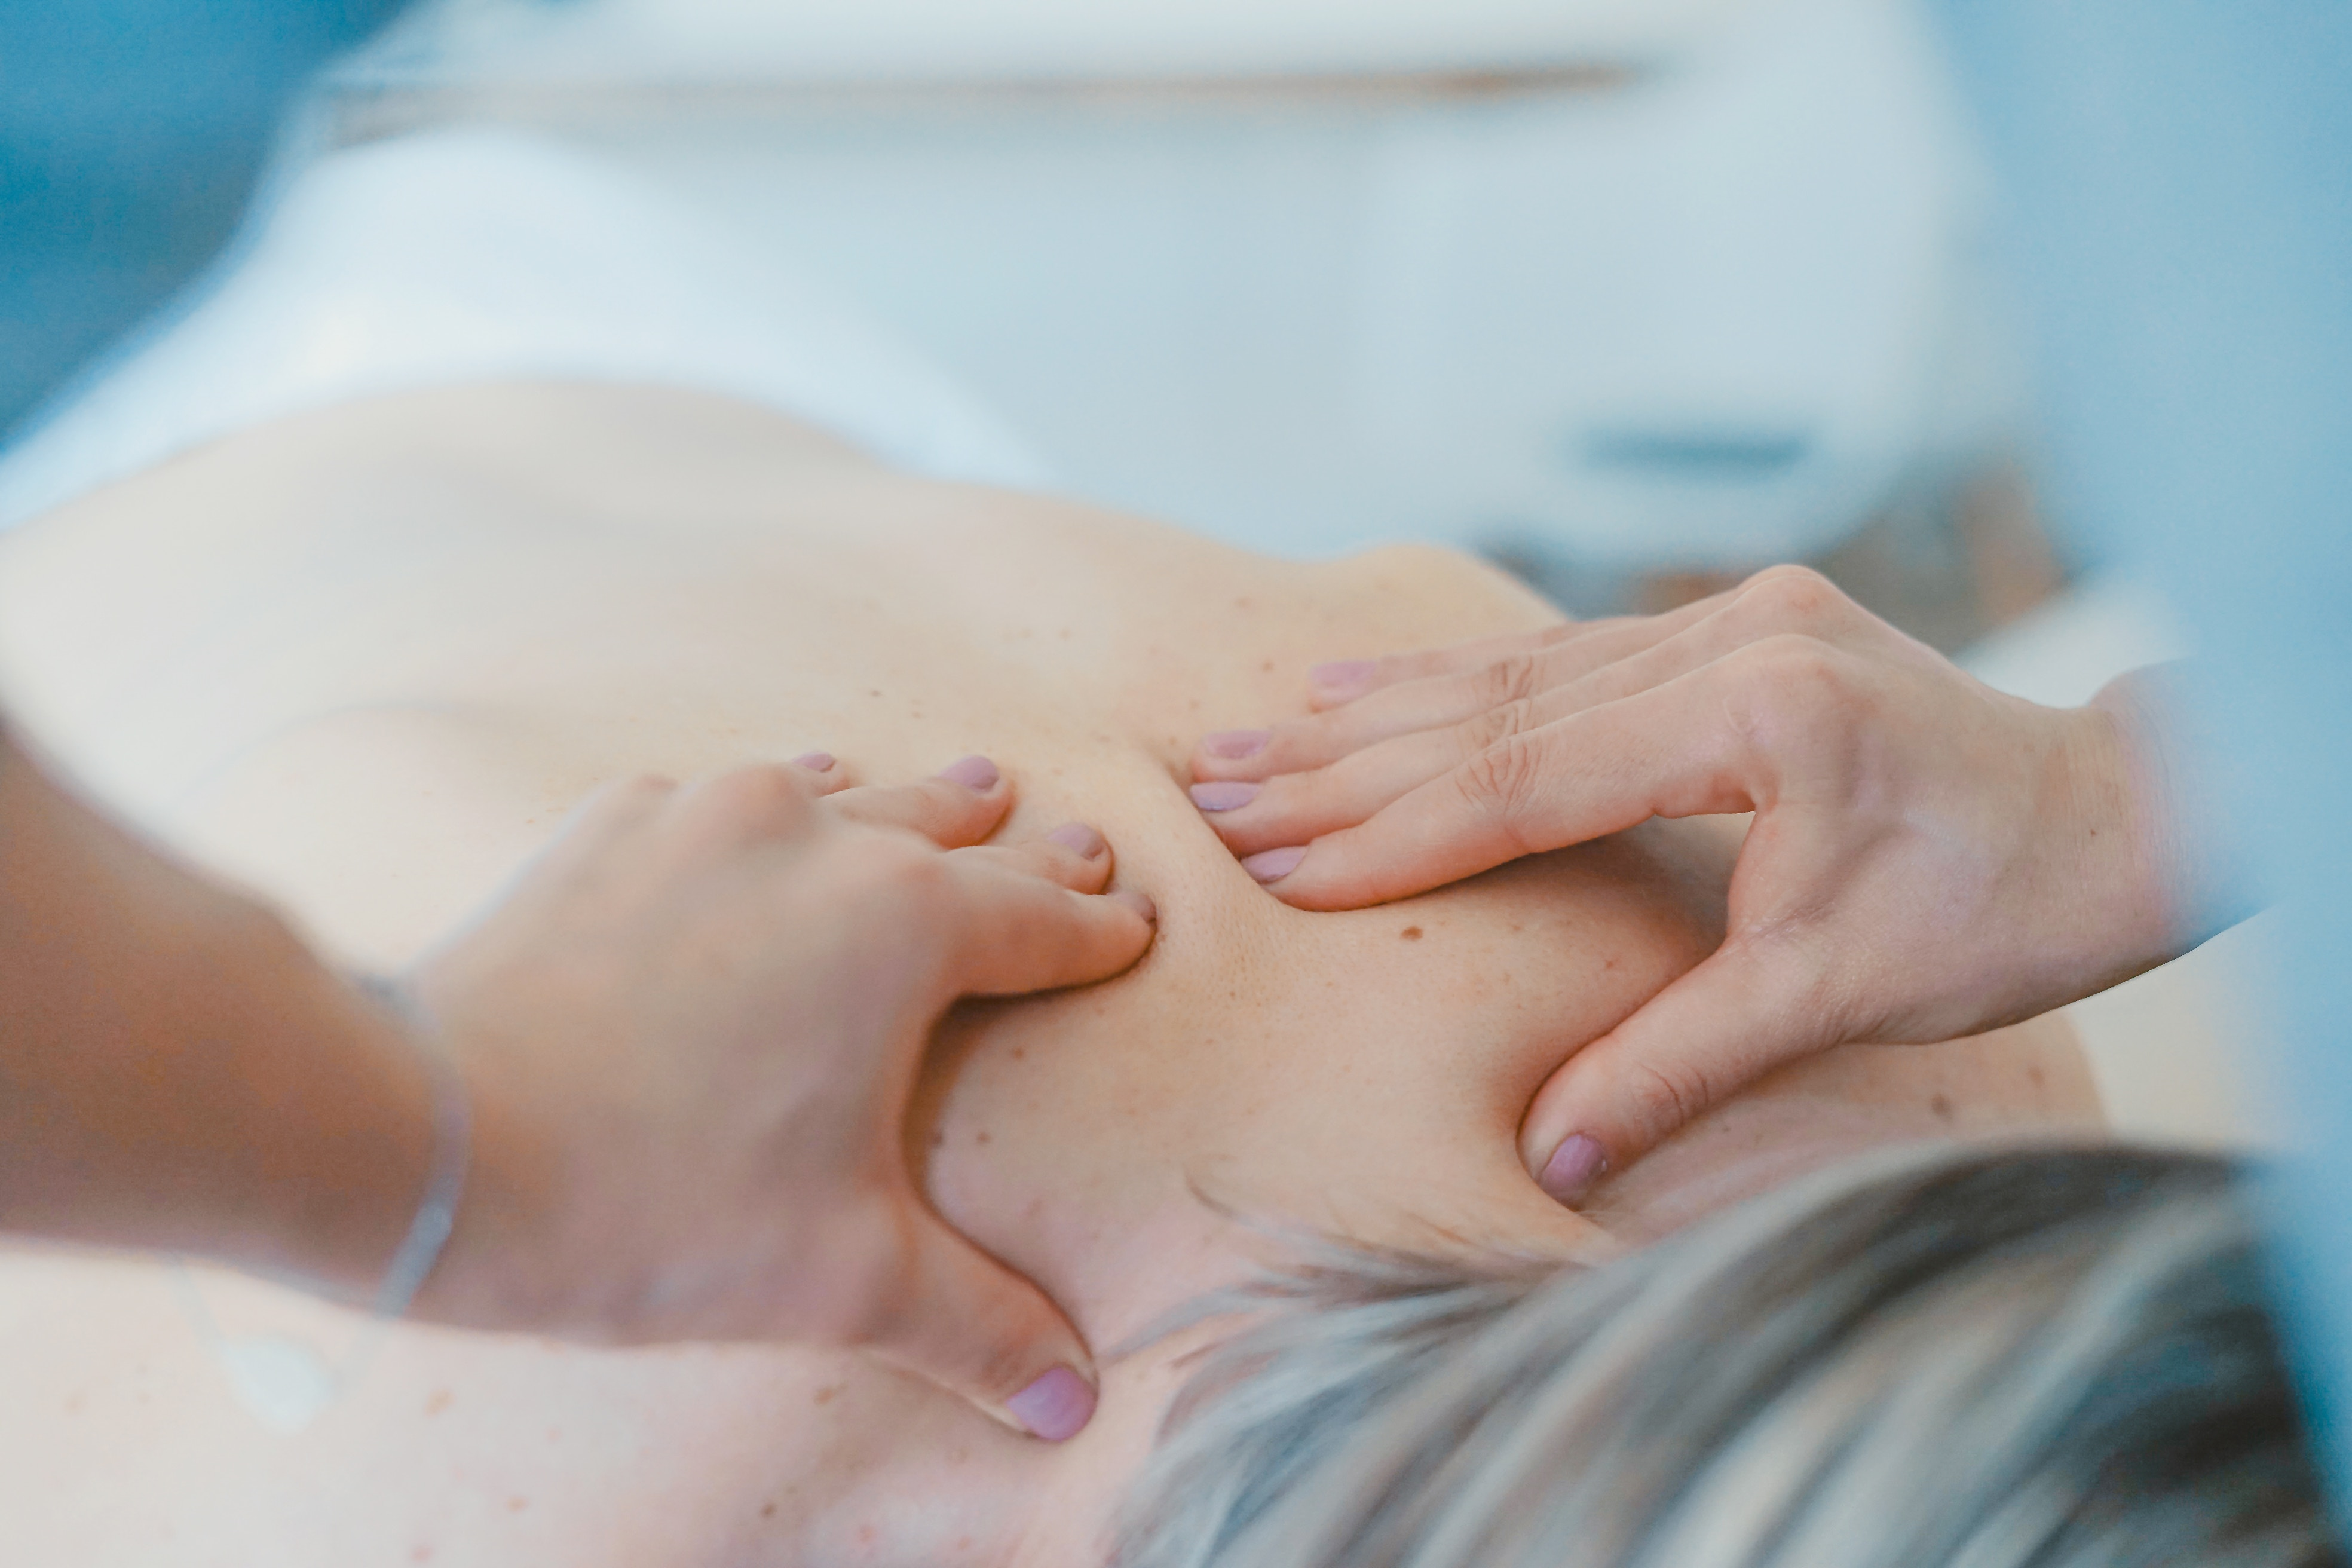 Les massages ont-ils de réels bienfaits sur la santé ?